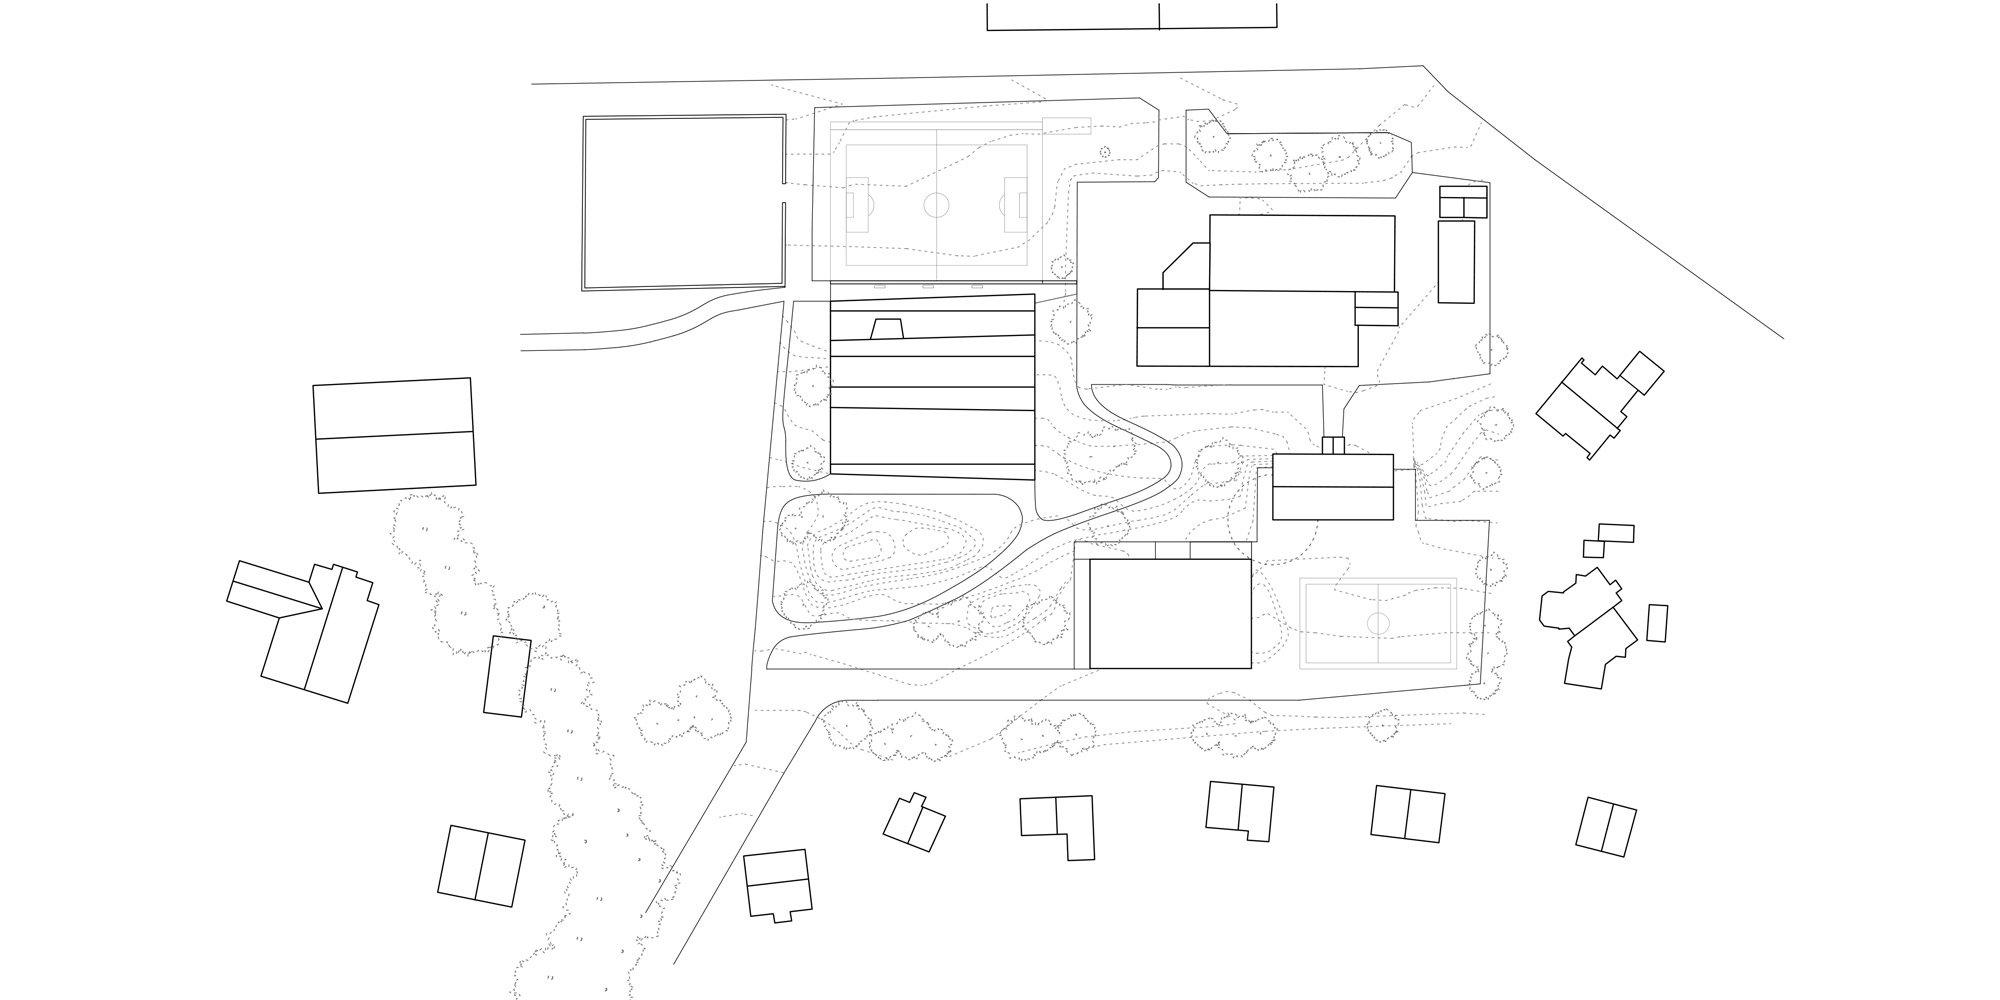 Planimetria © Localarchitecture